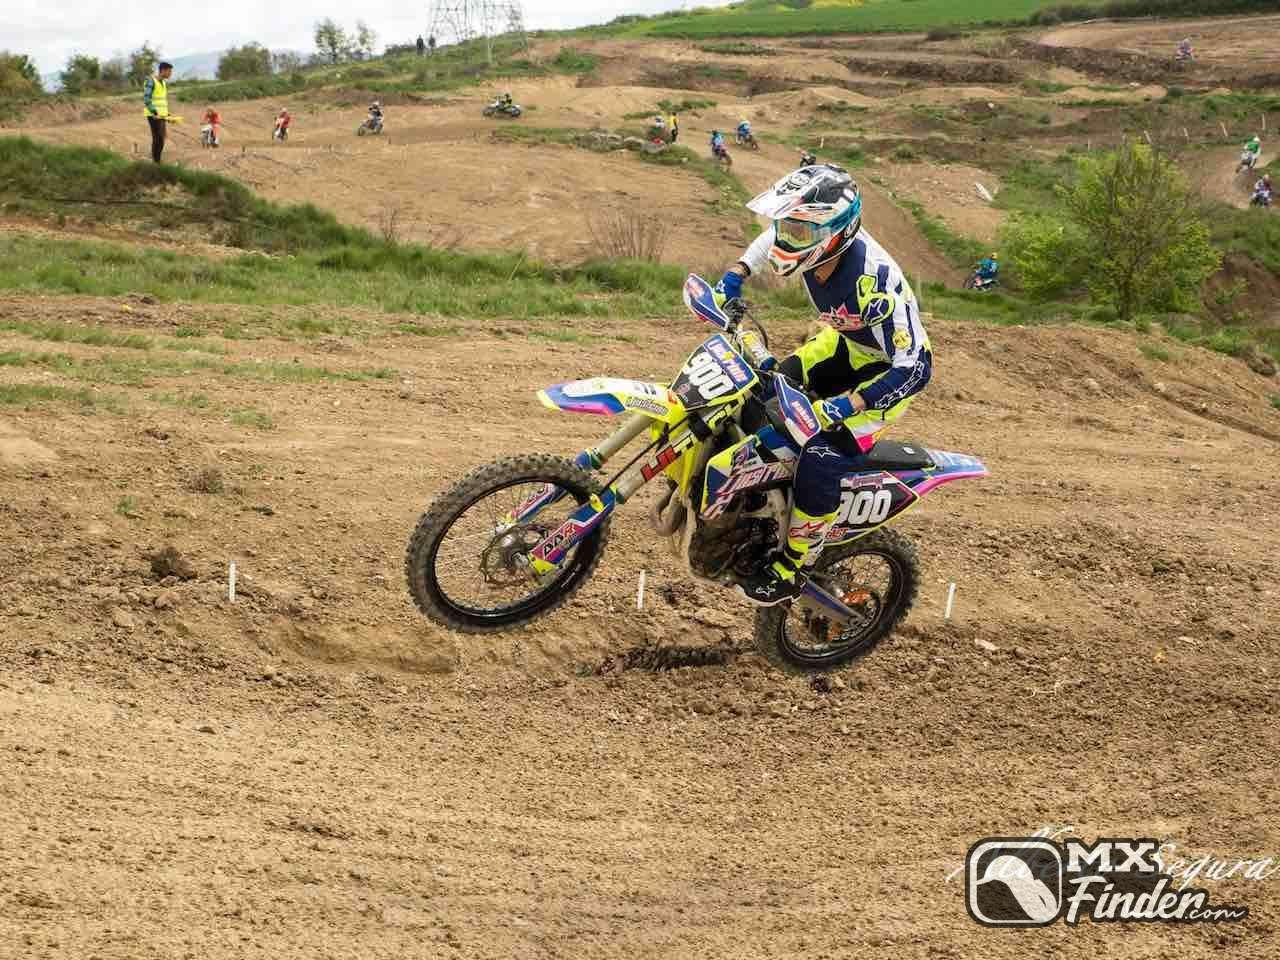 motocross, Circuito de Bayas, Miranda de Ebro, motocross track